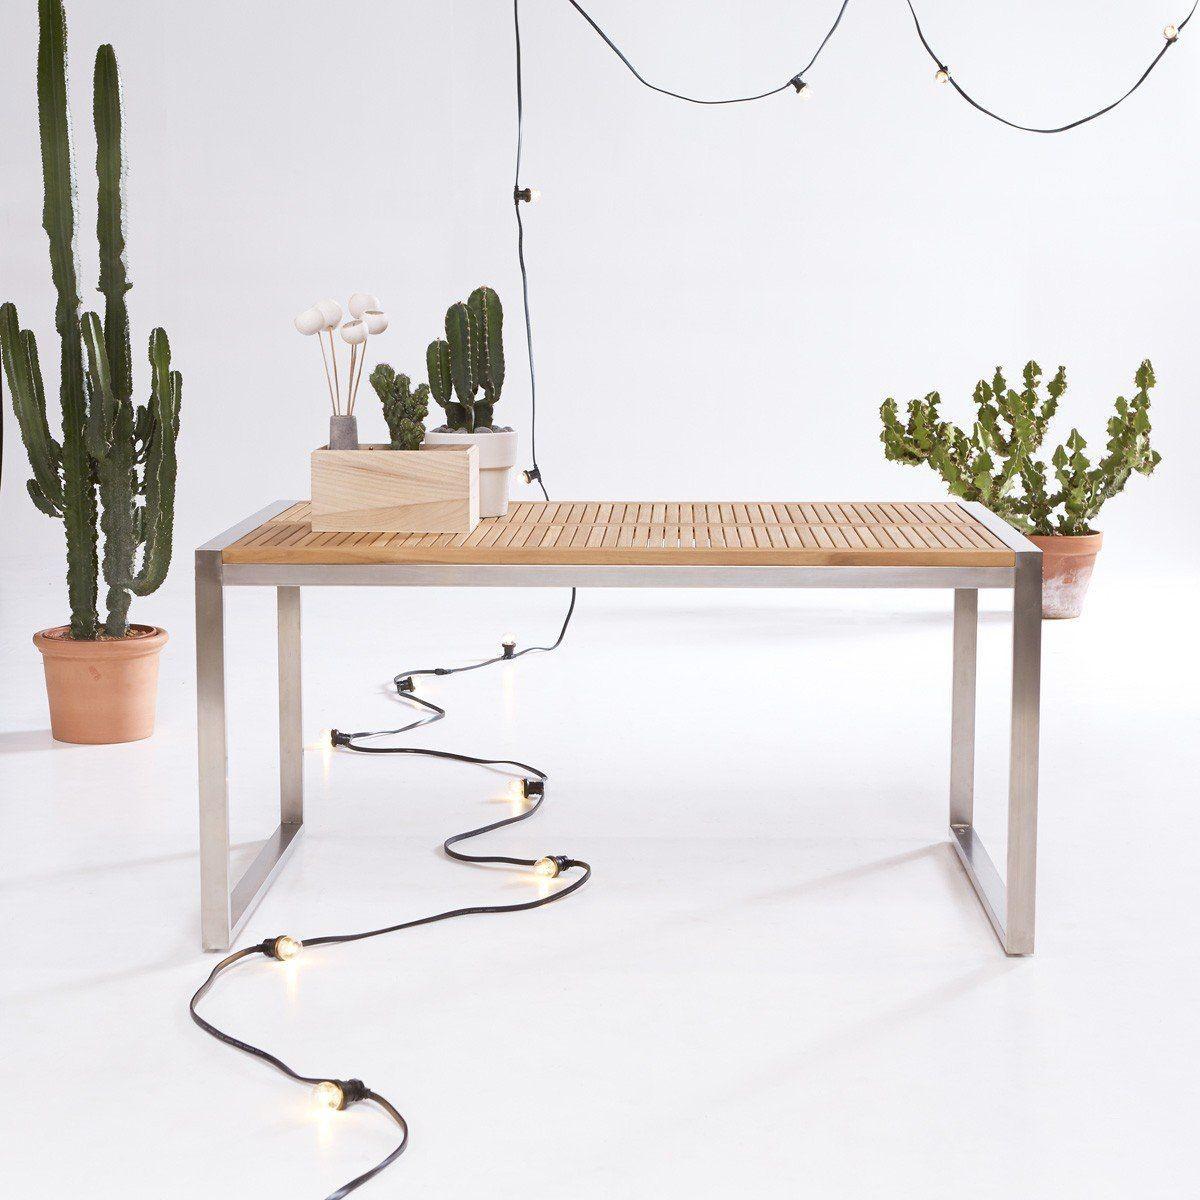 Table de jardin en bois de teck et inox 150 Arno | Products ...